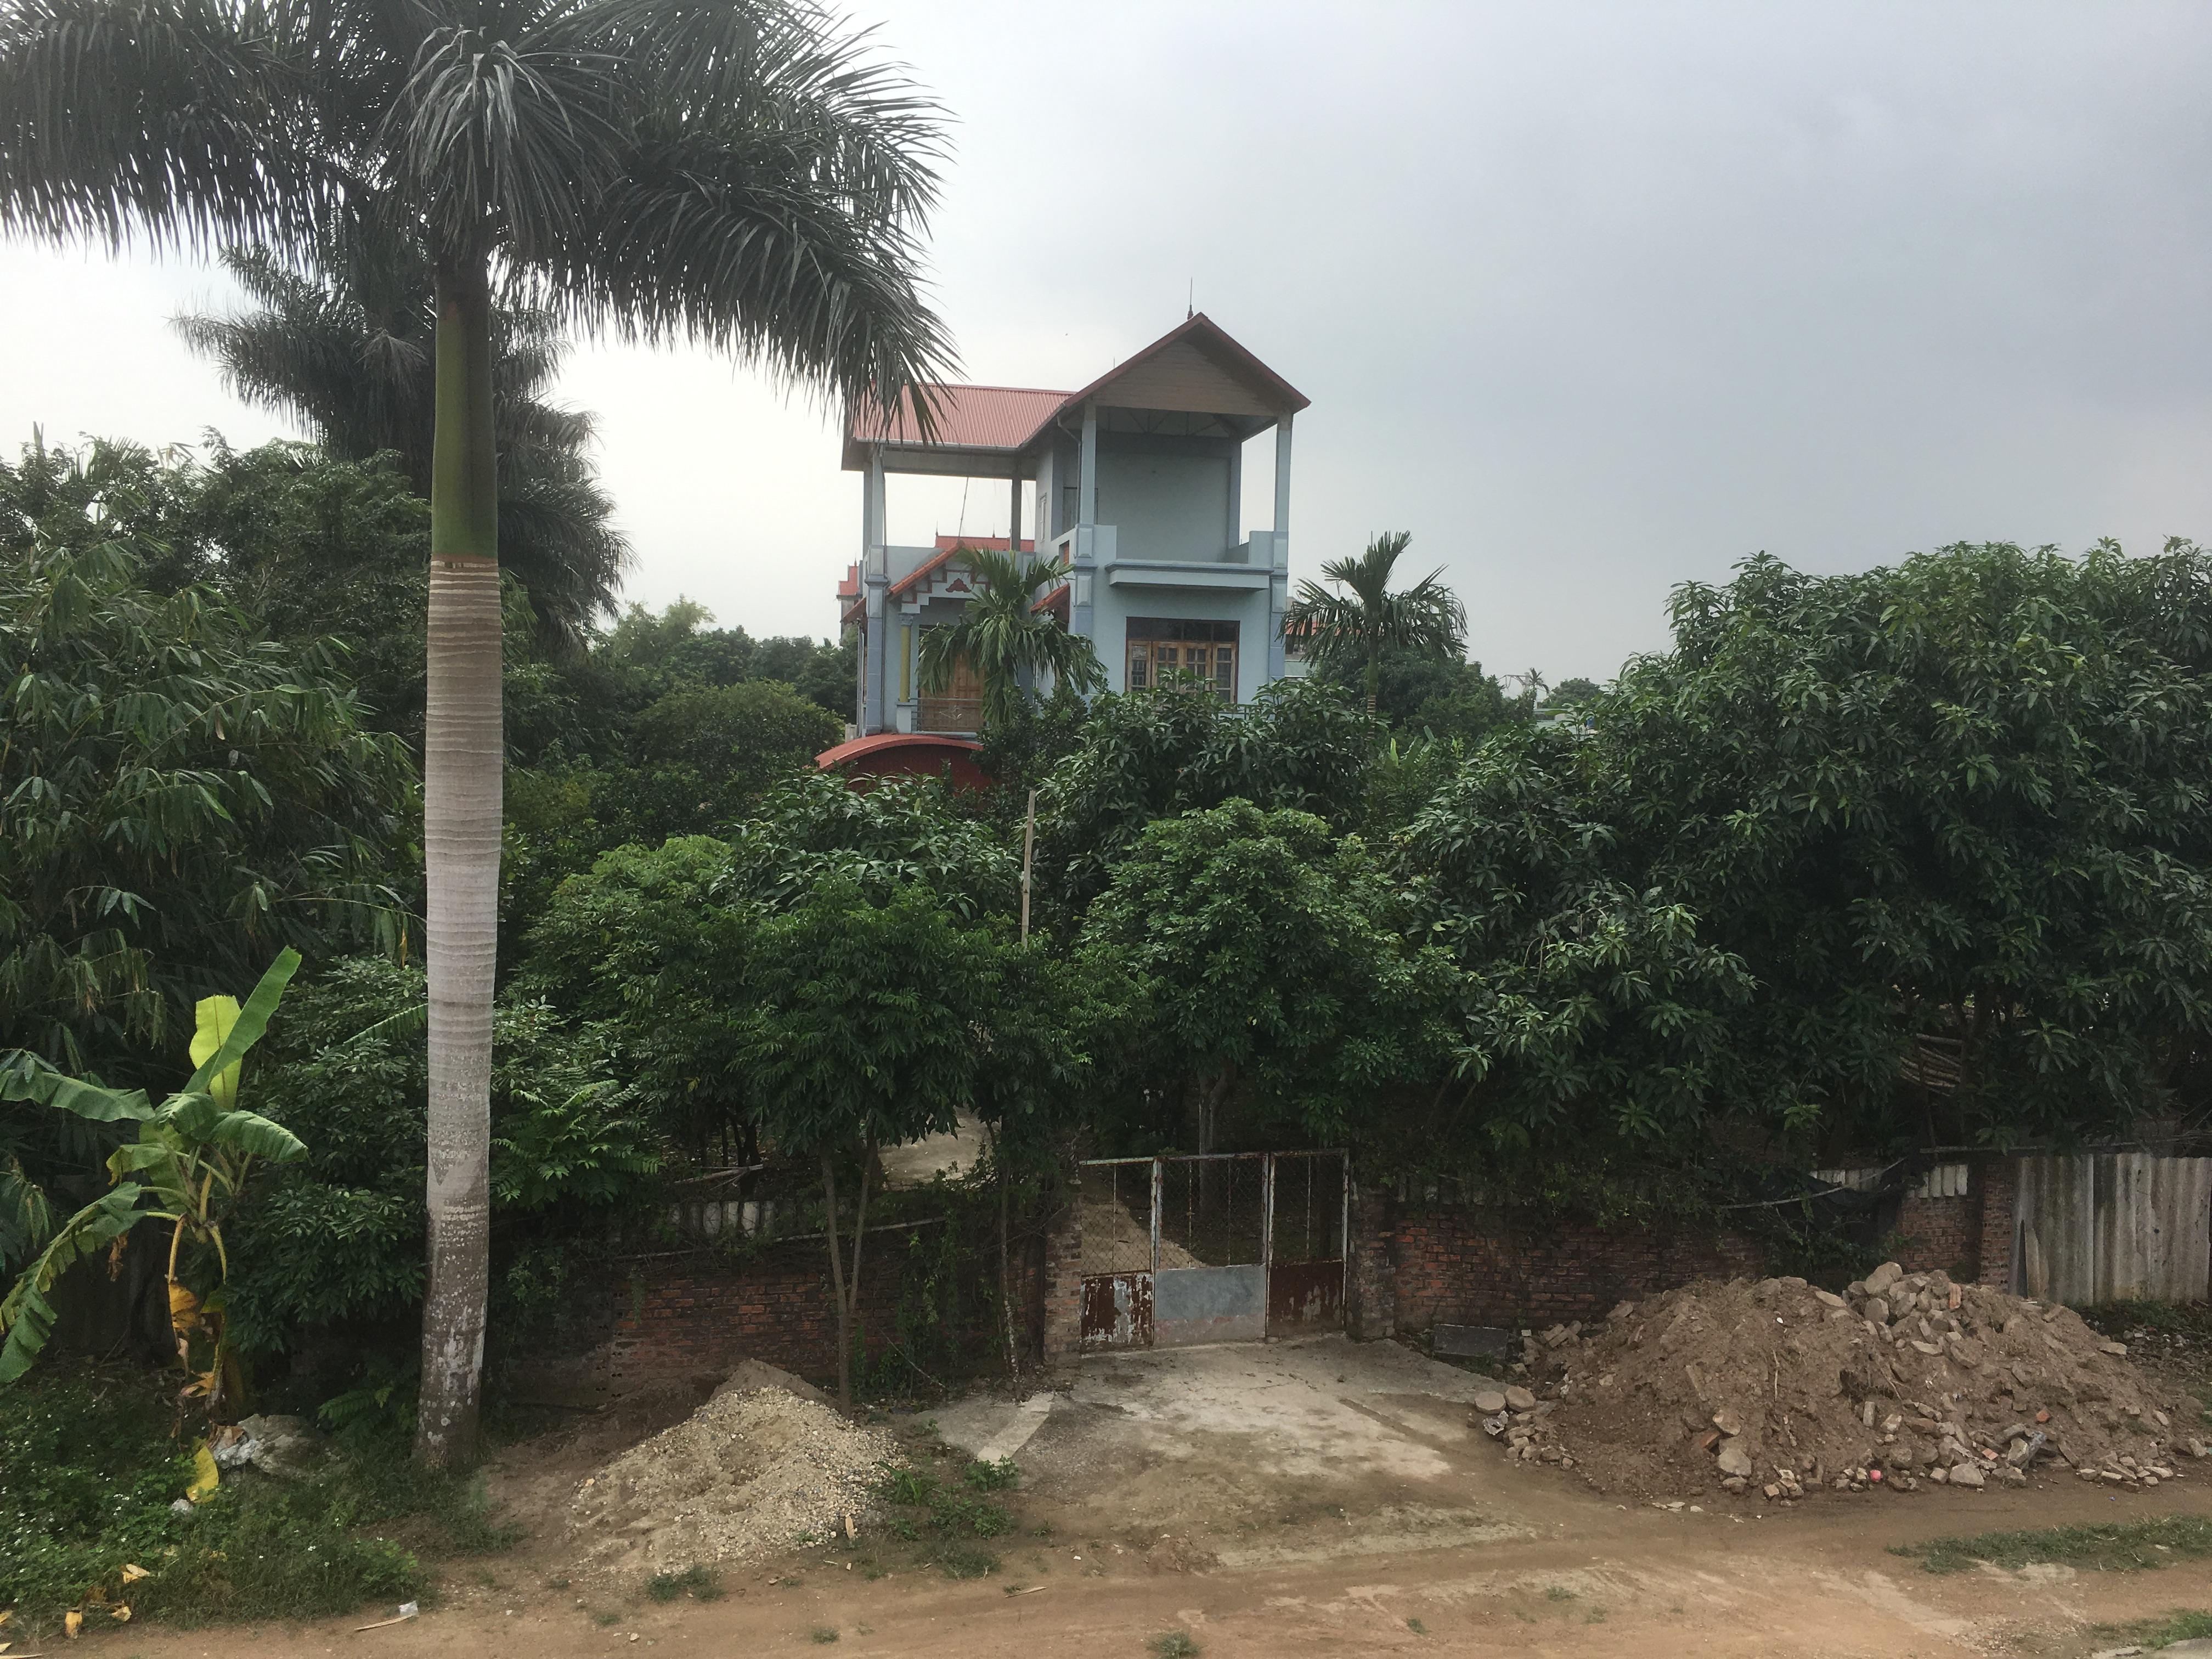 Hàng trăm mét đất bị ông Minh chiếm xây nhà.